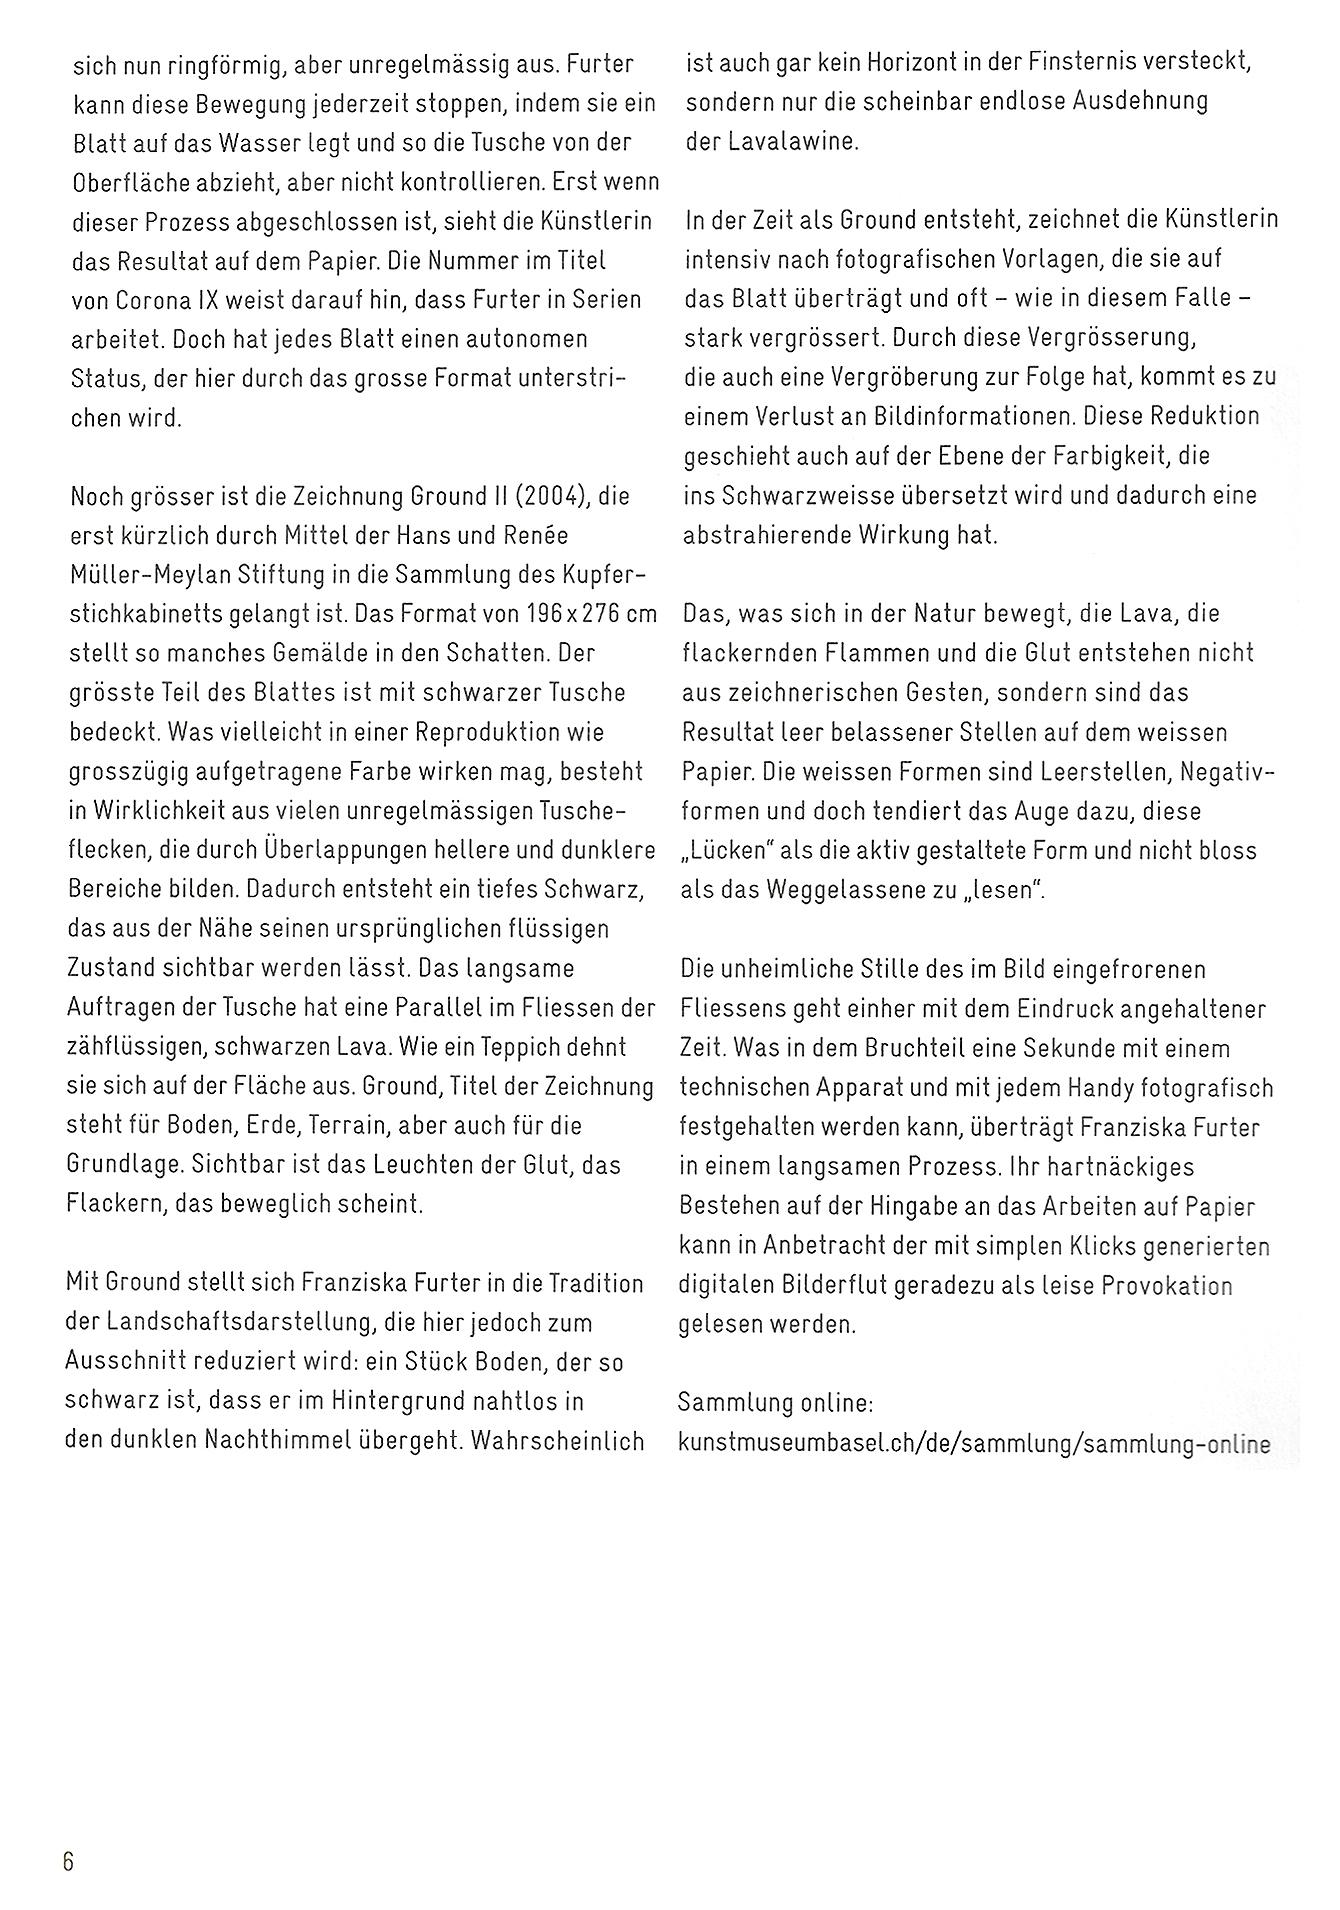 sq2 FF_KuMu_Basel_Magazin_3_18-2.jpg